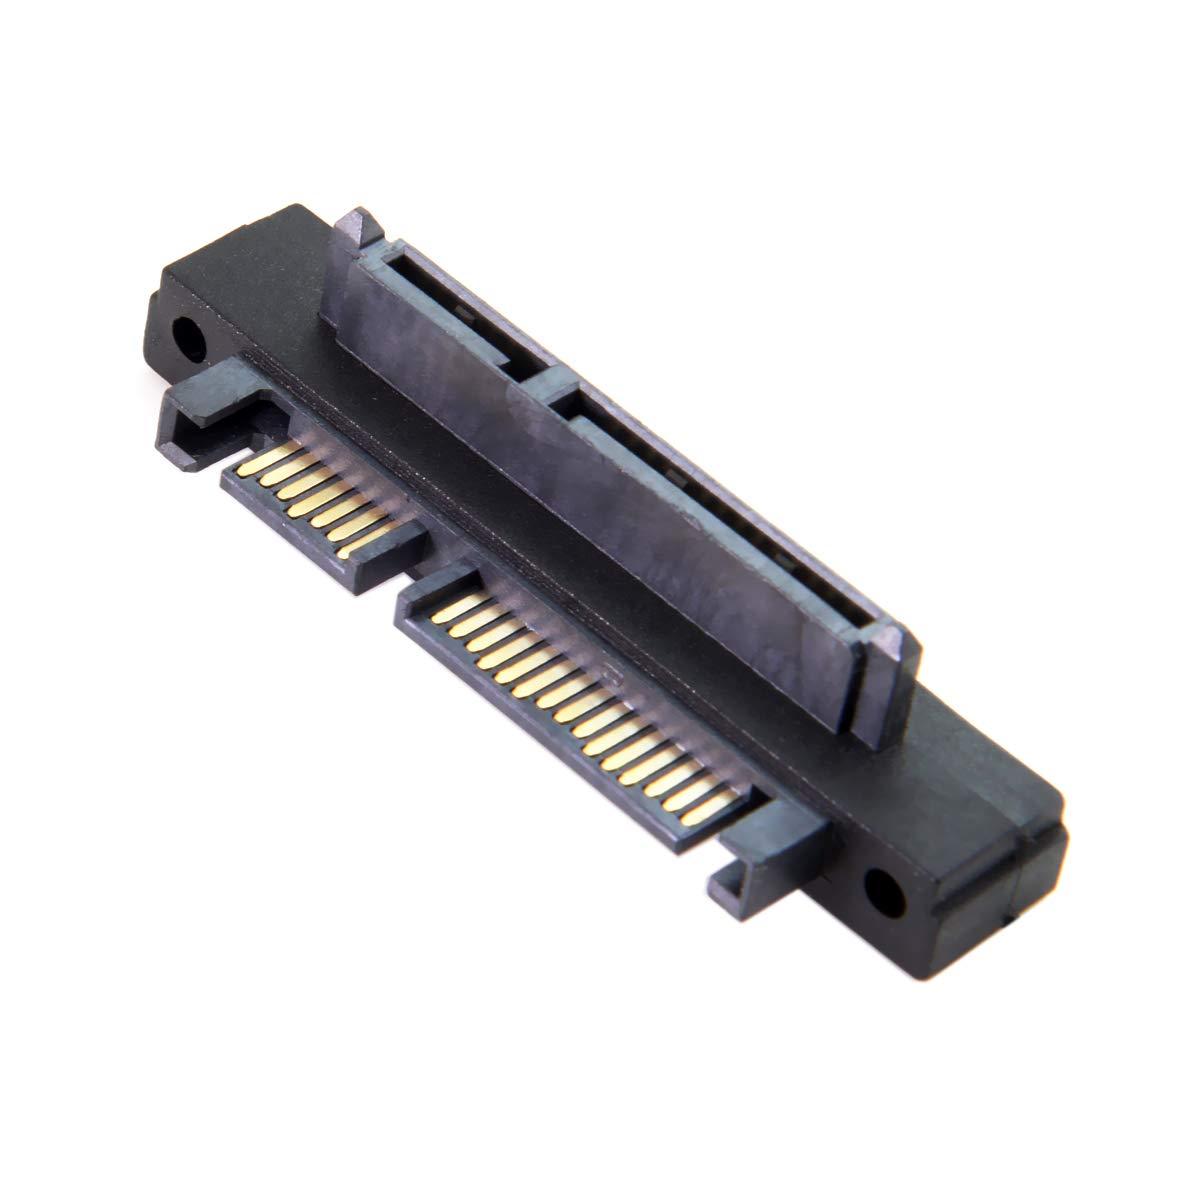 Adaptador convertidor de extensi/ón de 90 Grados en /ángulo SATA de 22 Pines 7 15 Macho a SATA de 22 Pines Hembra